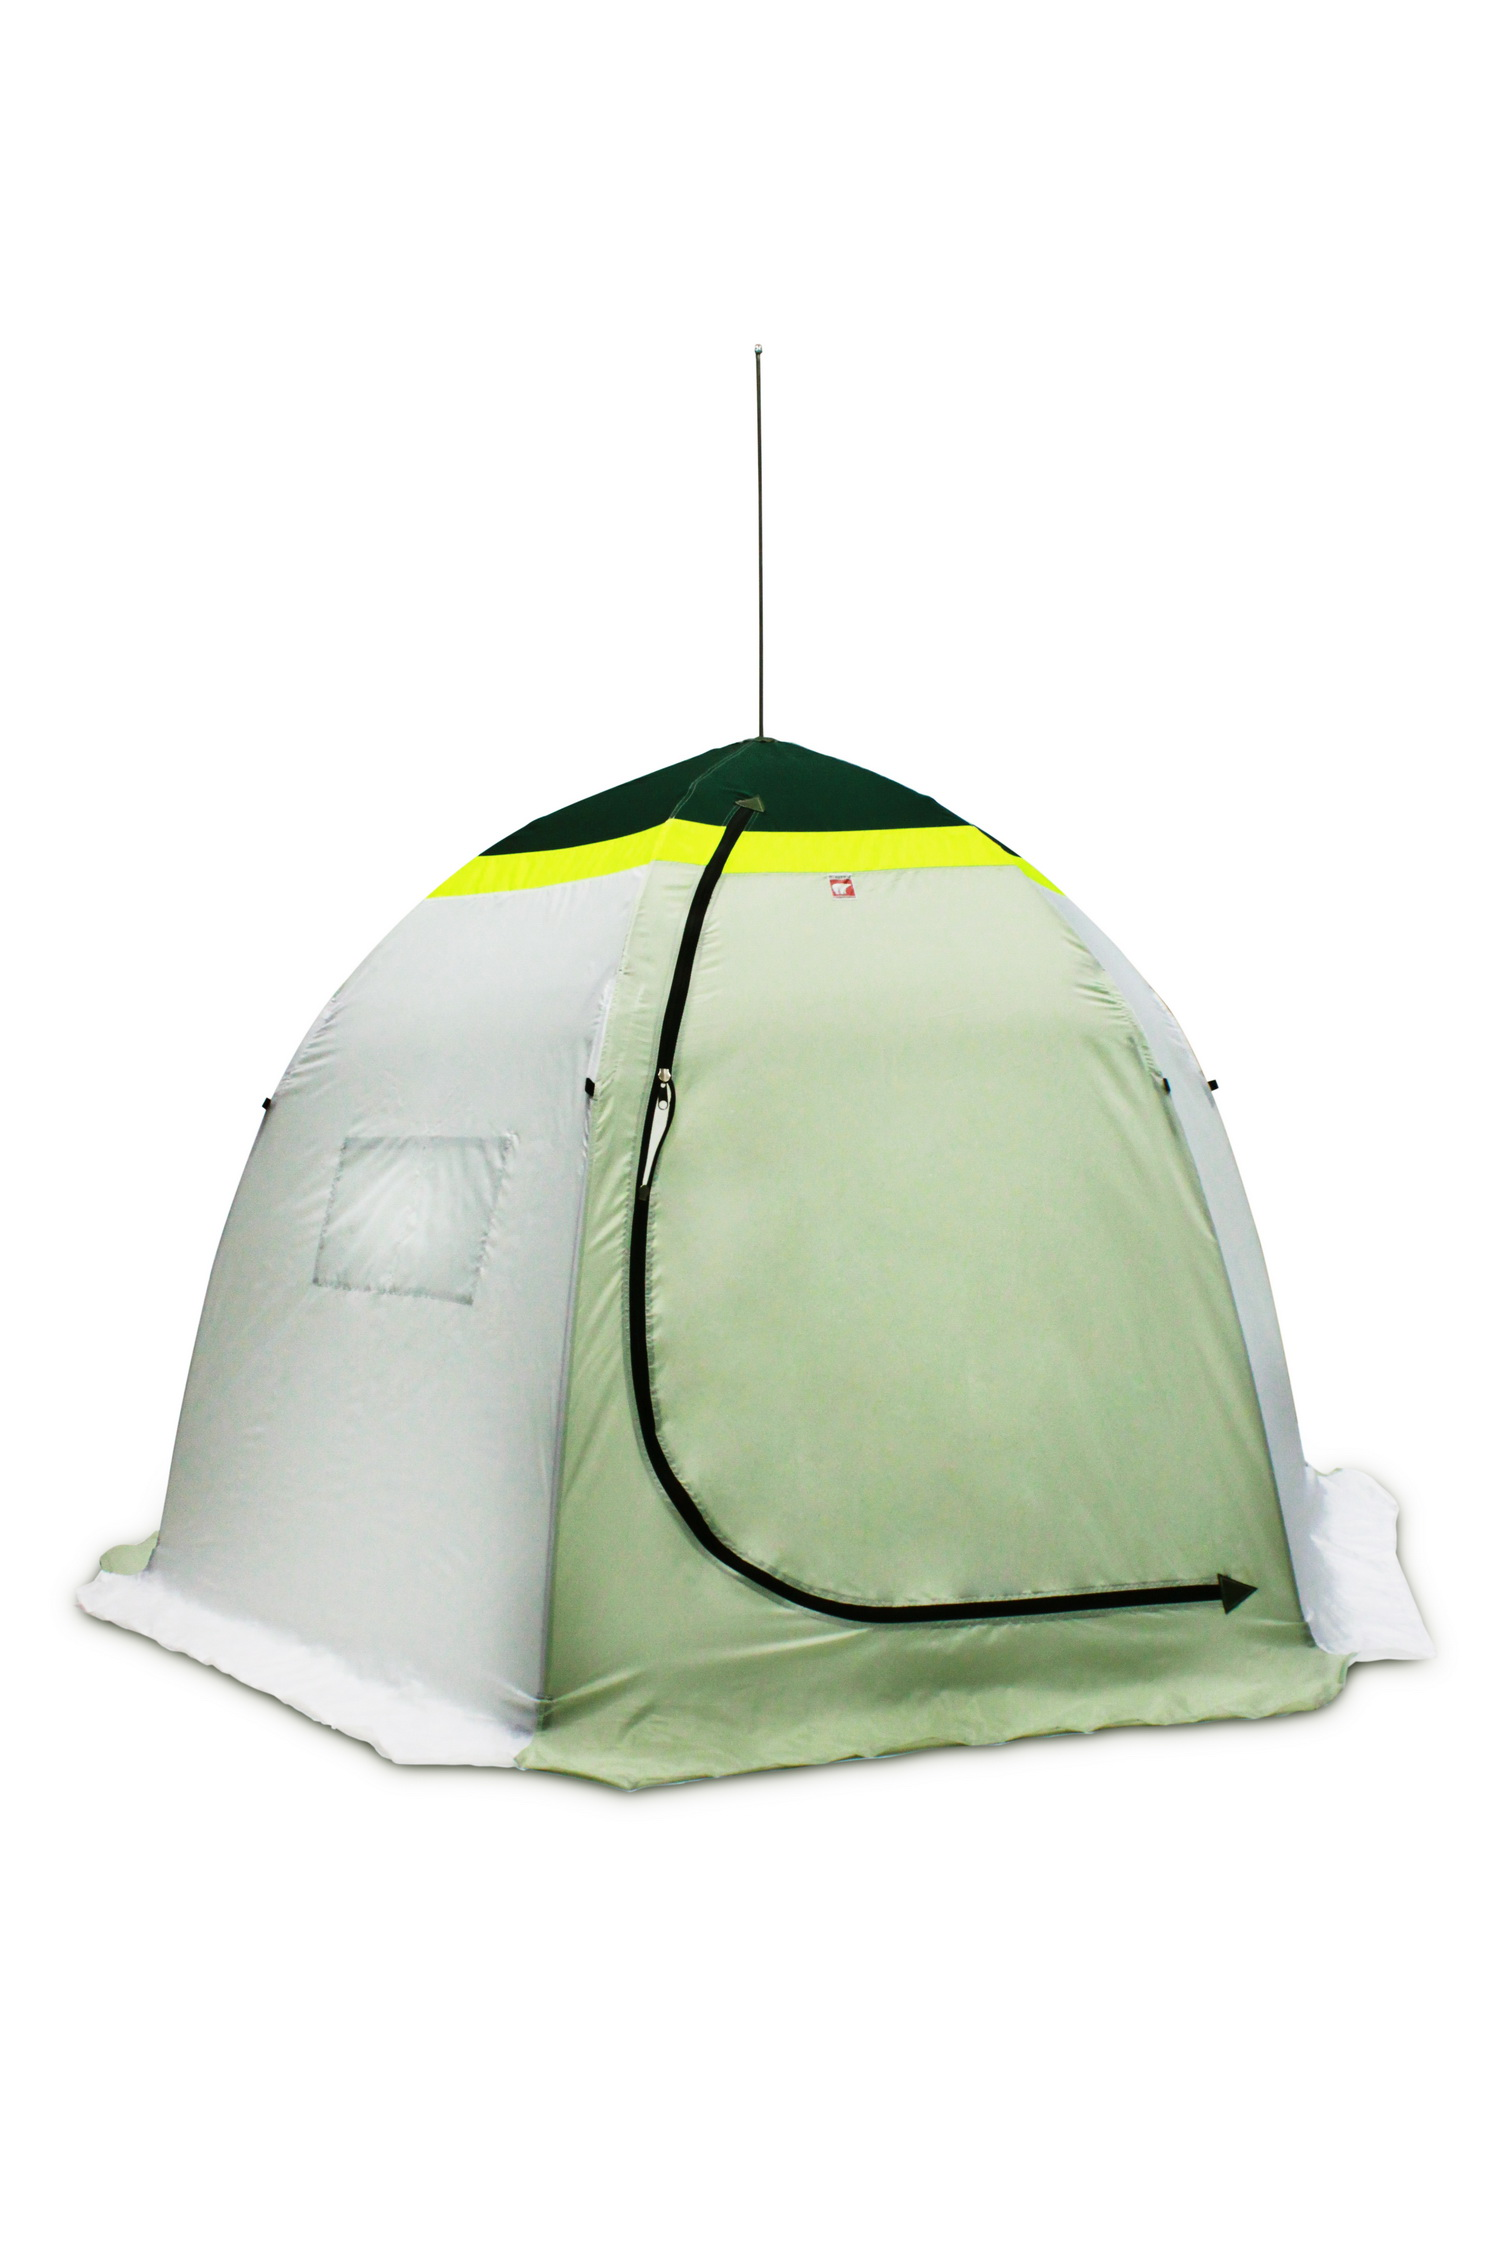 Палатка для зимней рыбалки Kупить зимнюю палатку для рыбалки